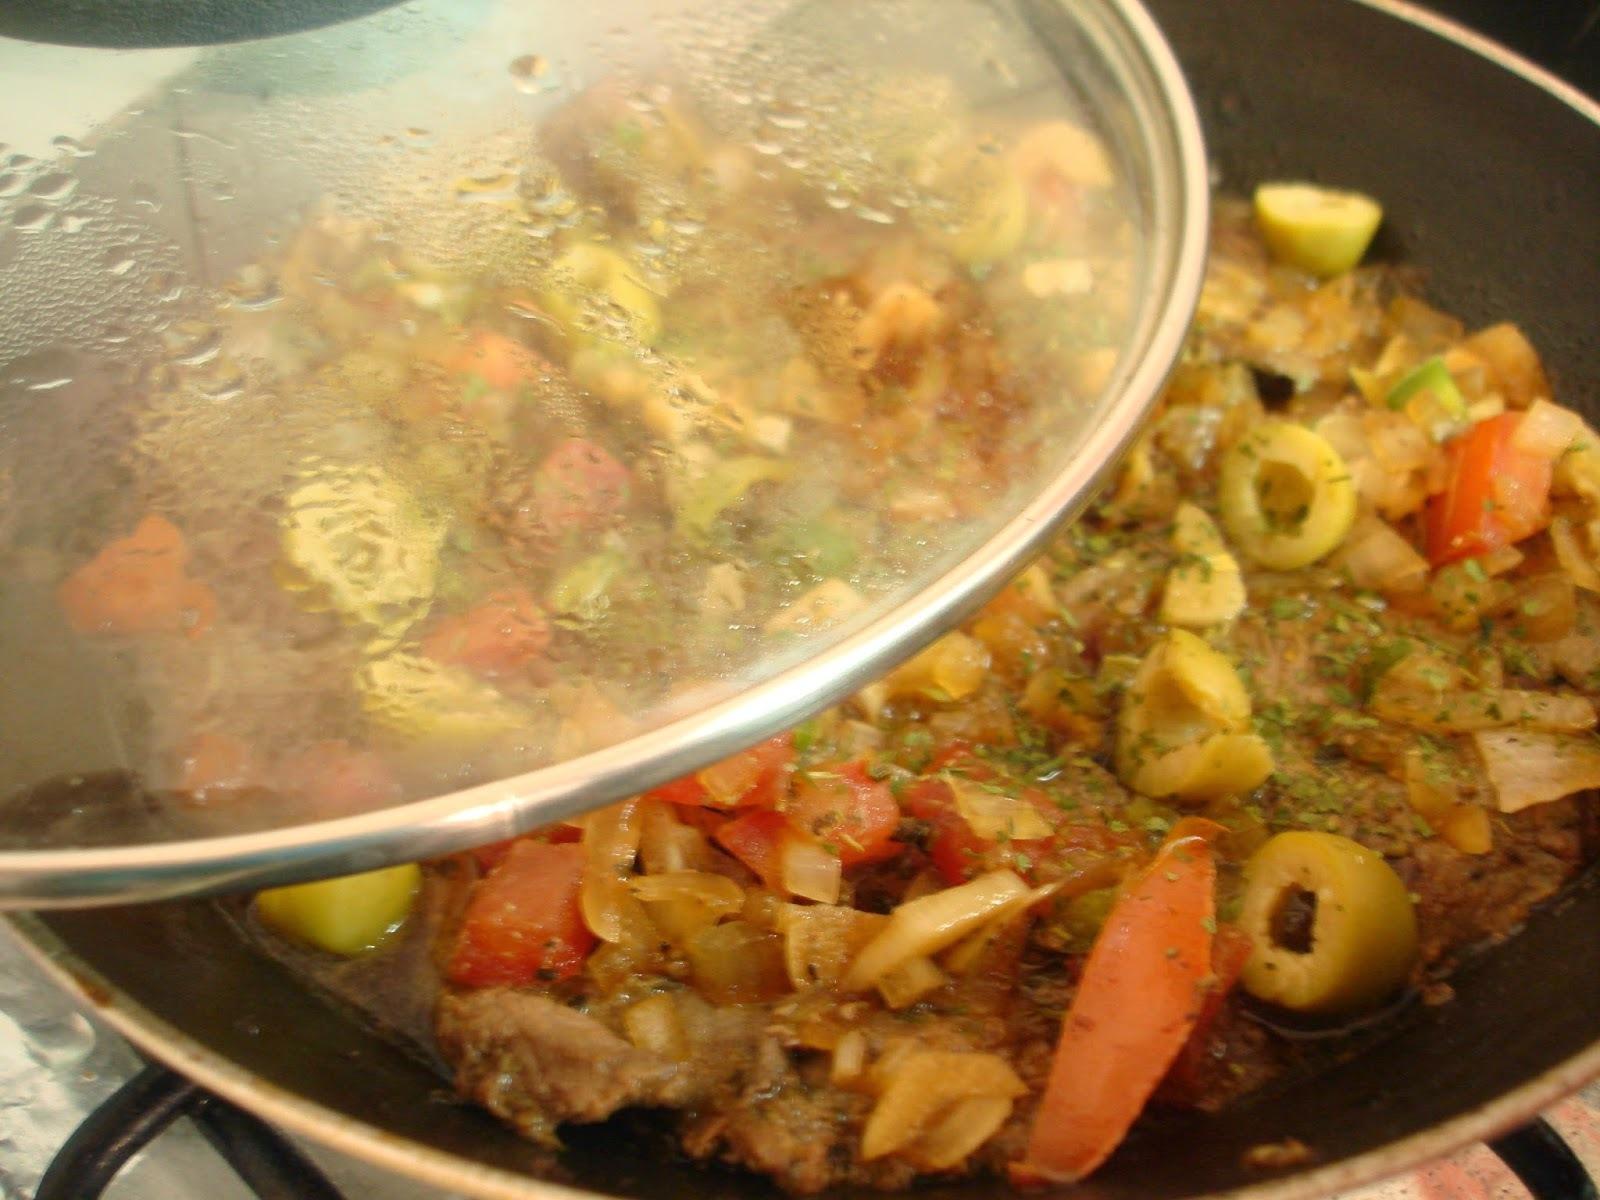 Bifes de filé mignon na frigideira com verduras e azeitonas